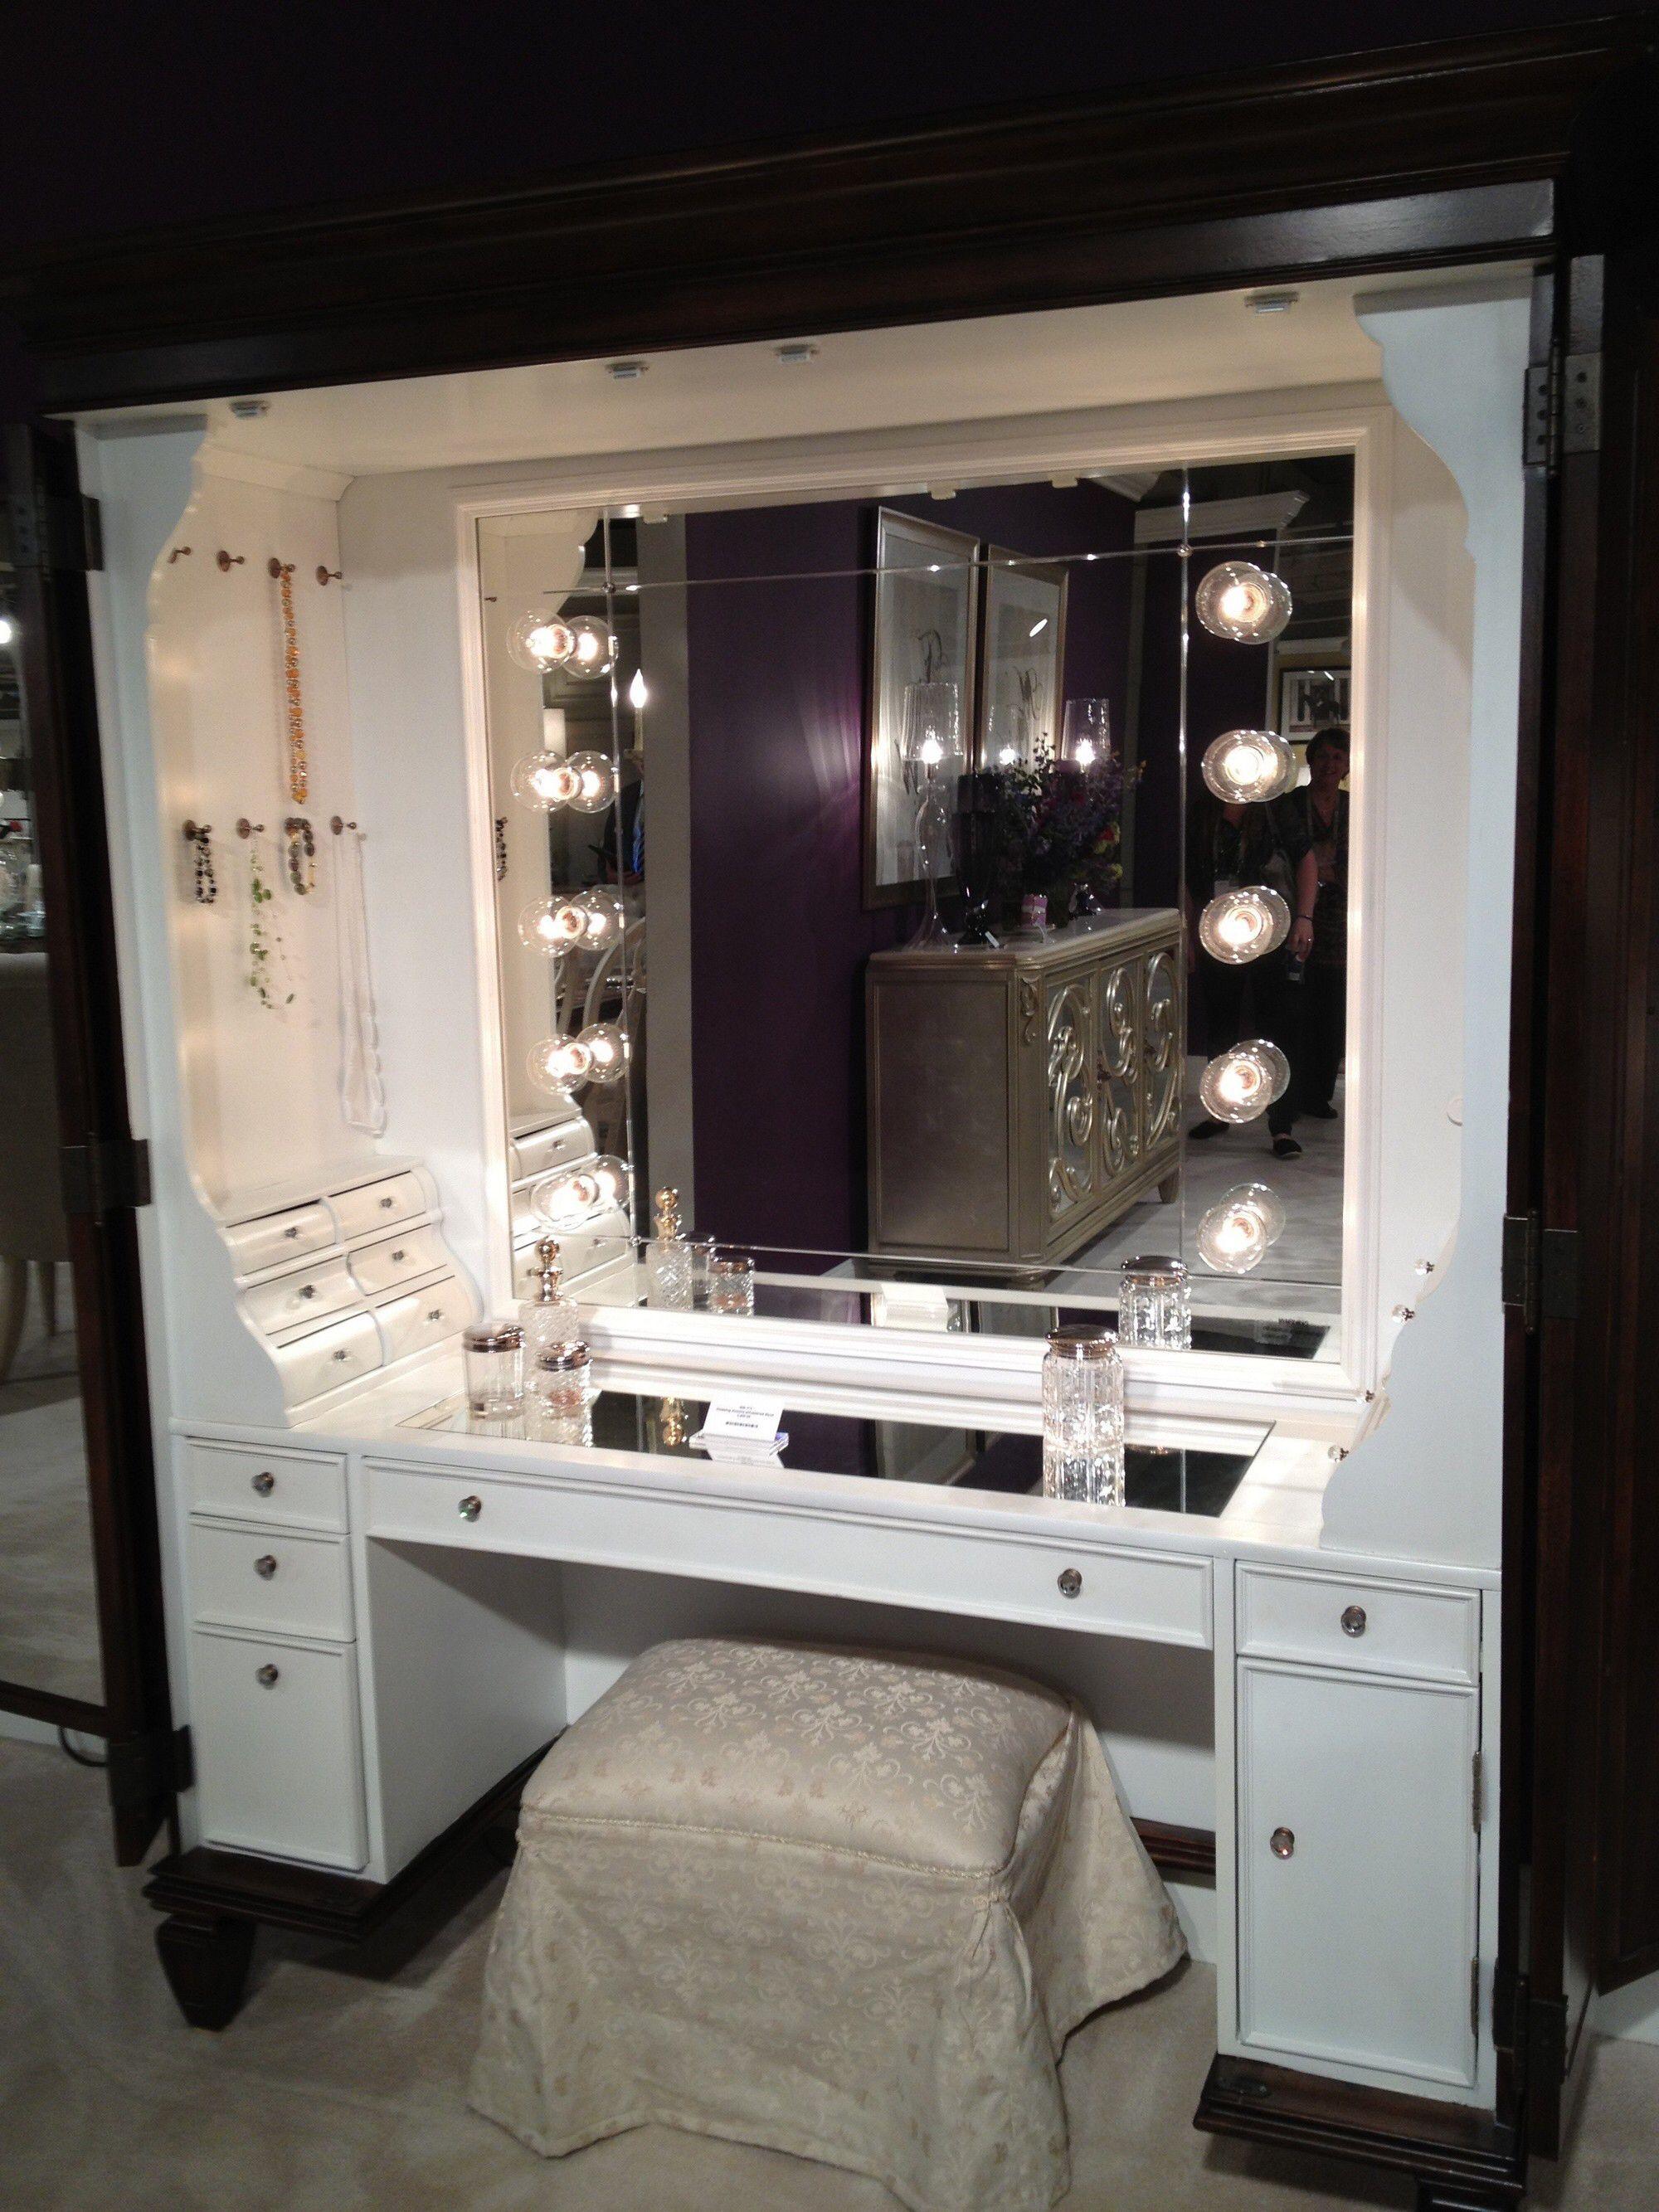 8 Best Vanity Makeup Mirrors Lights 8 #Ikea #Esty